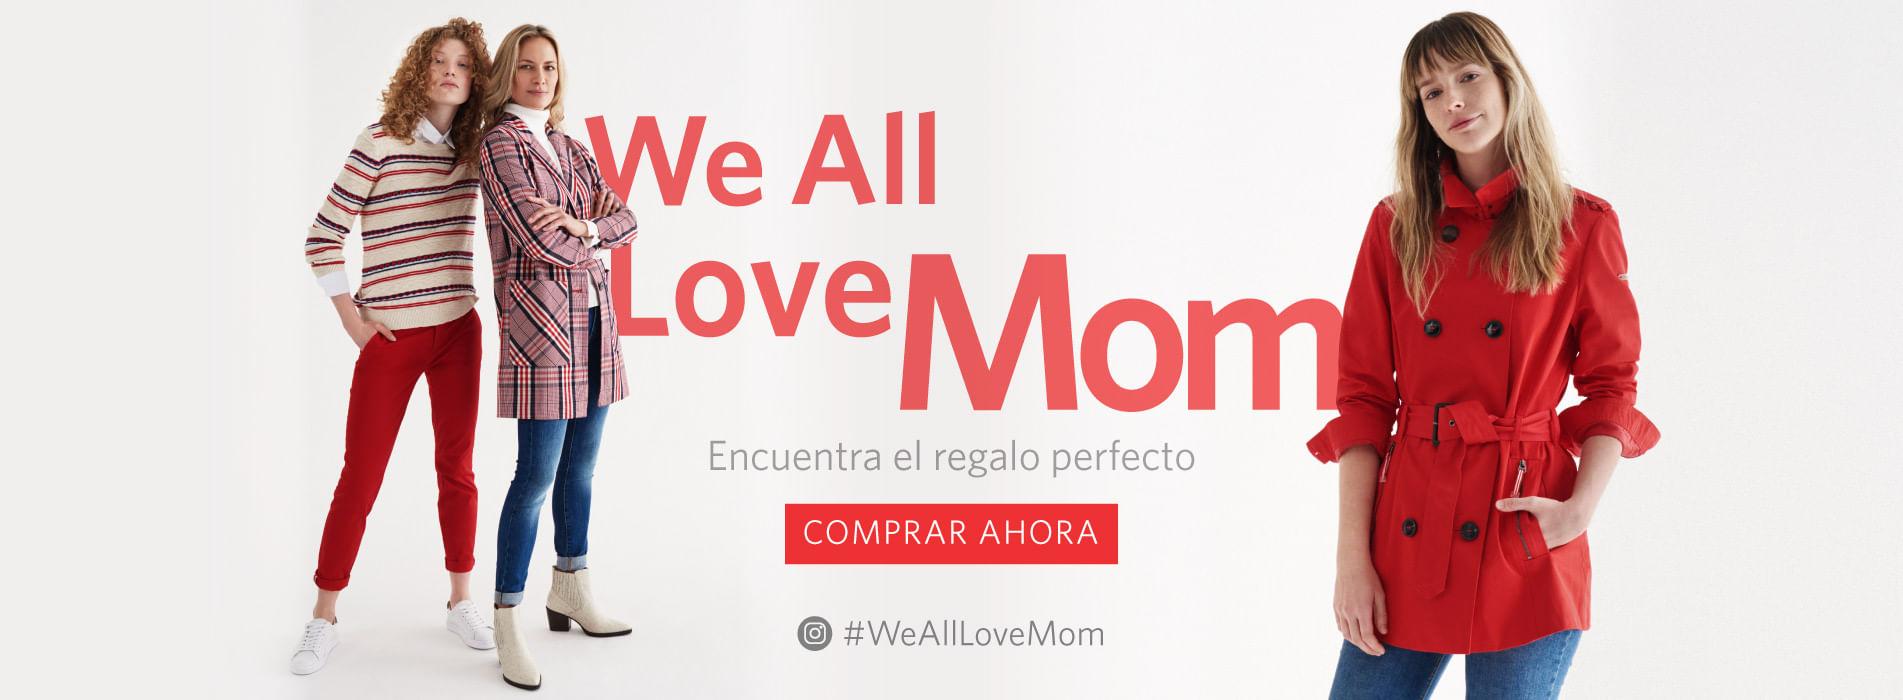 b67437eaa12 We All  Love Mom ...